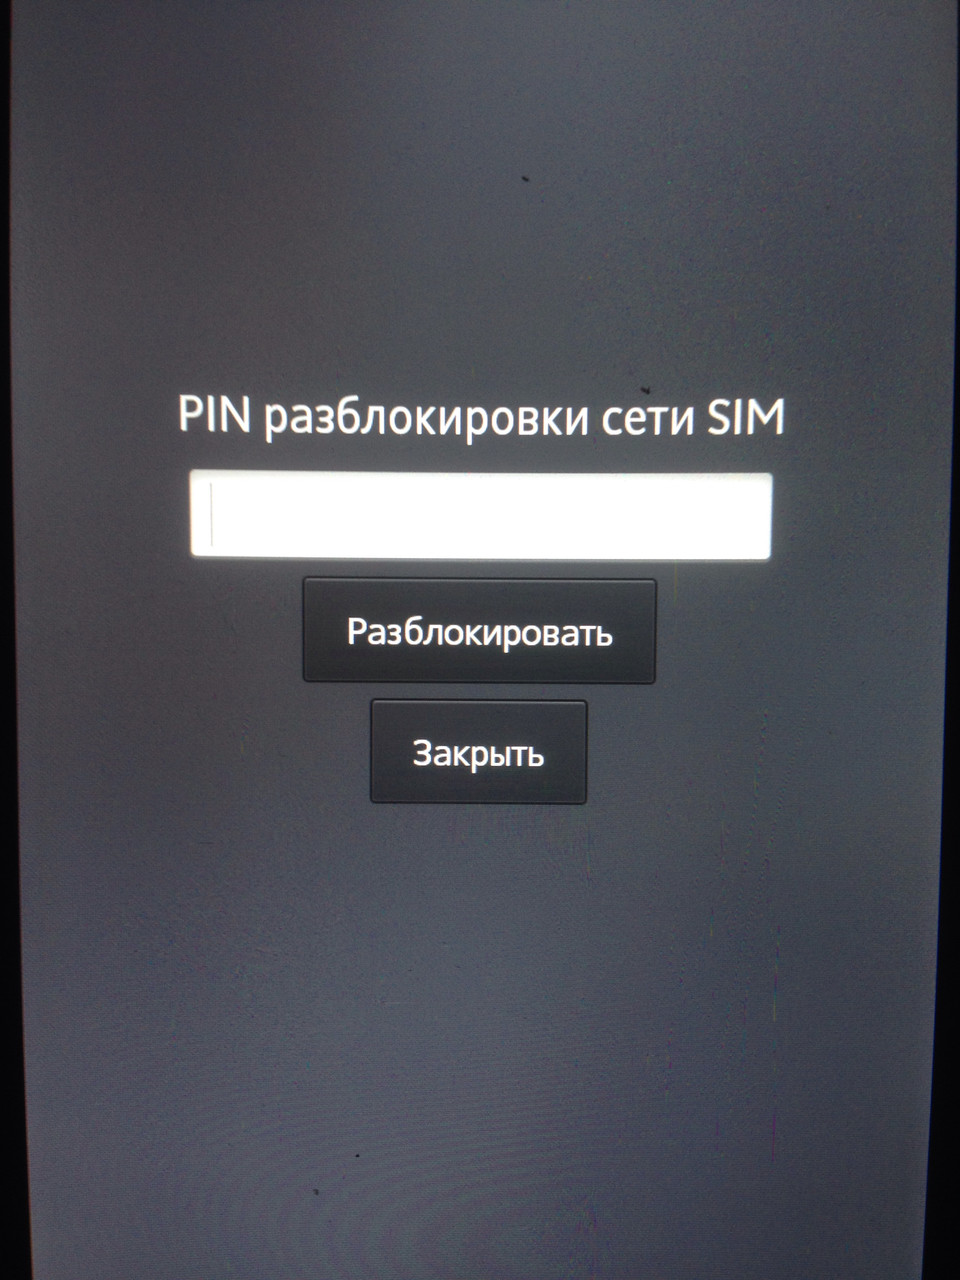 Unlock Sony XPERIA спроби введення коду вичерпані